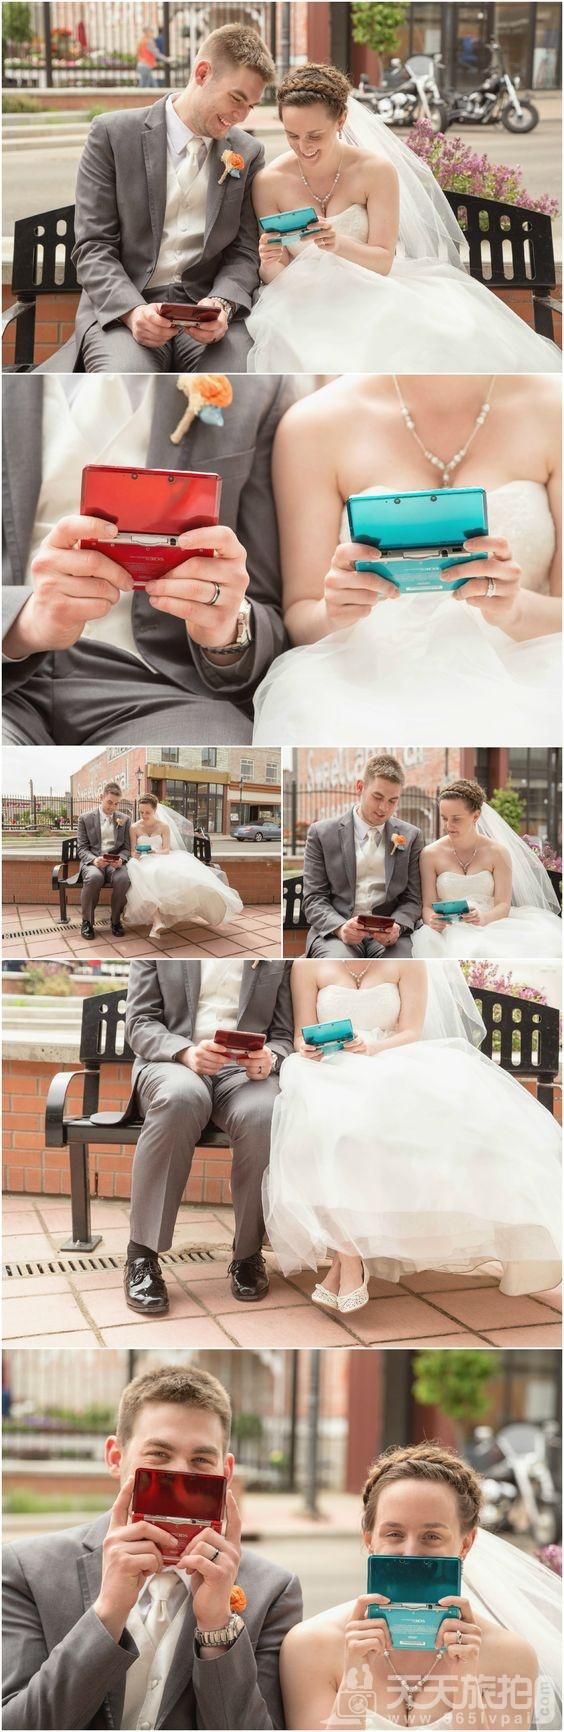 外国人的11种宝可梦婚礼!拍出专属于妳们的婚纱照【1】